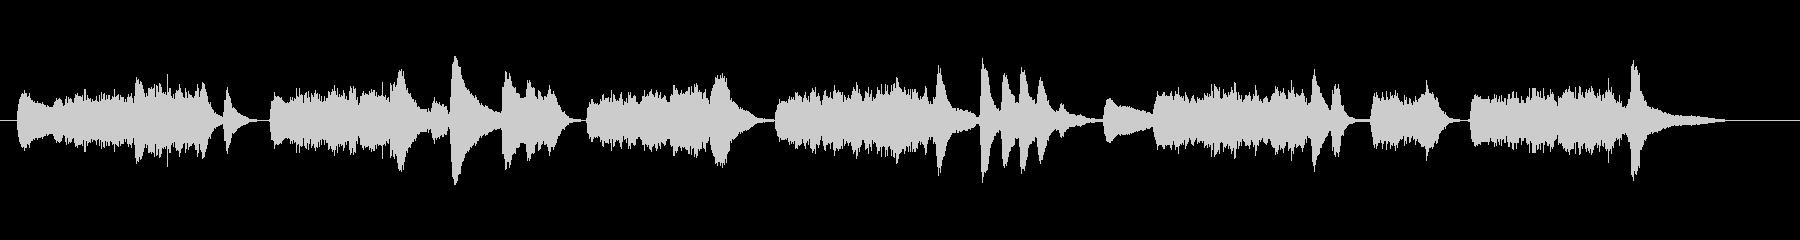 ピアノ、人事困難な通路、音楽FX;...の未再生の波形